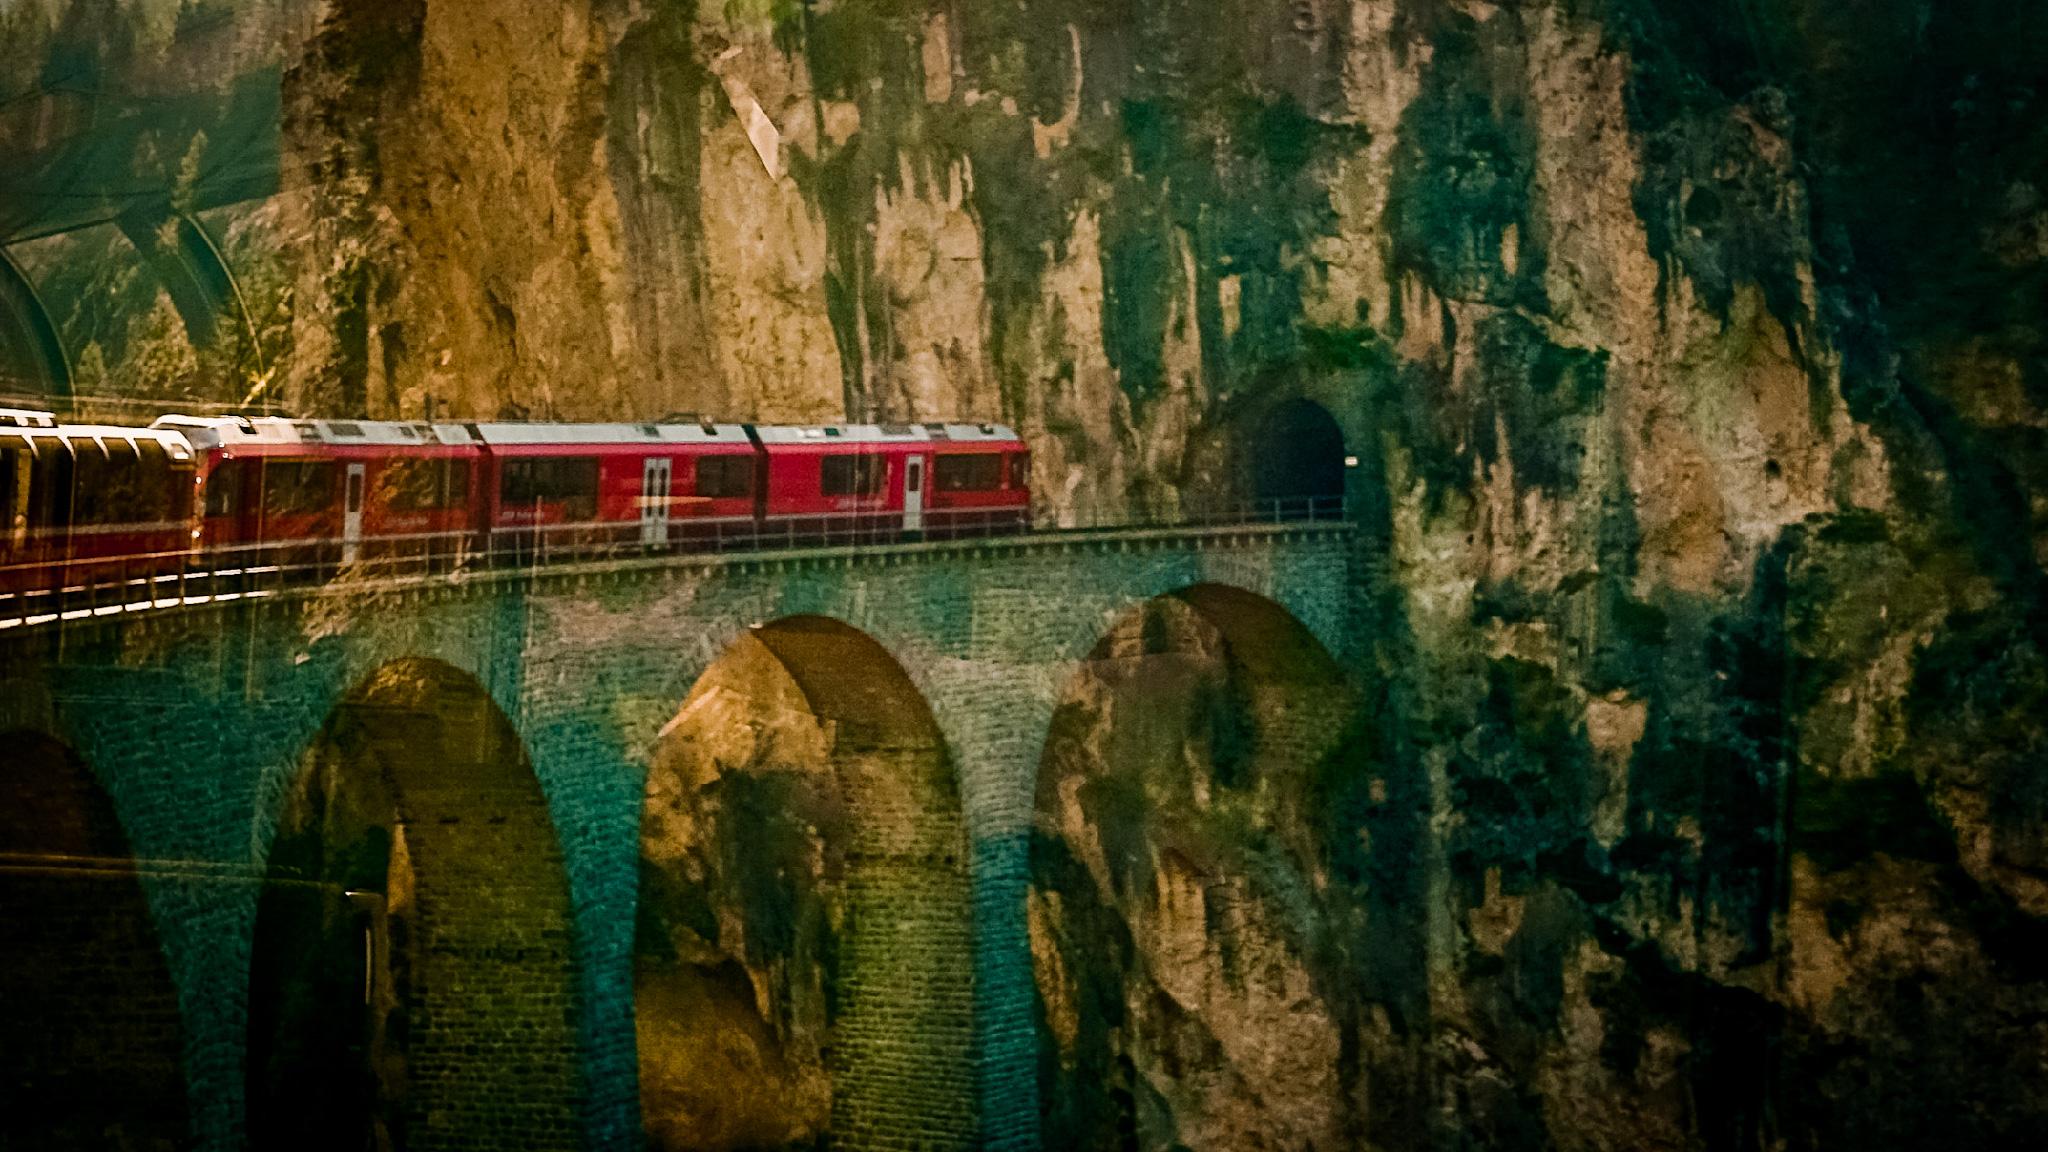 Szwajcaria pociągiem - Bernina Express